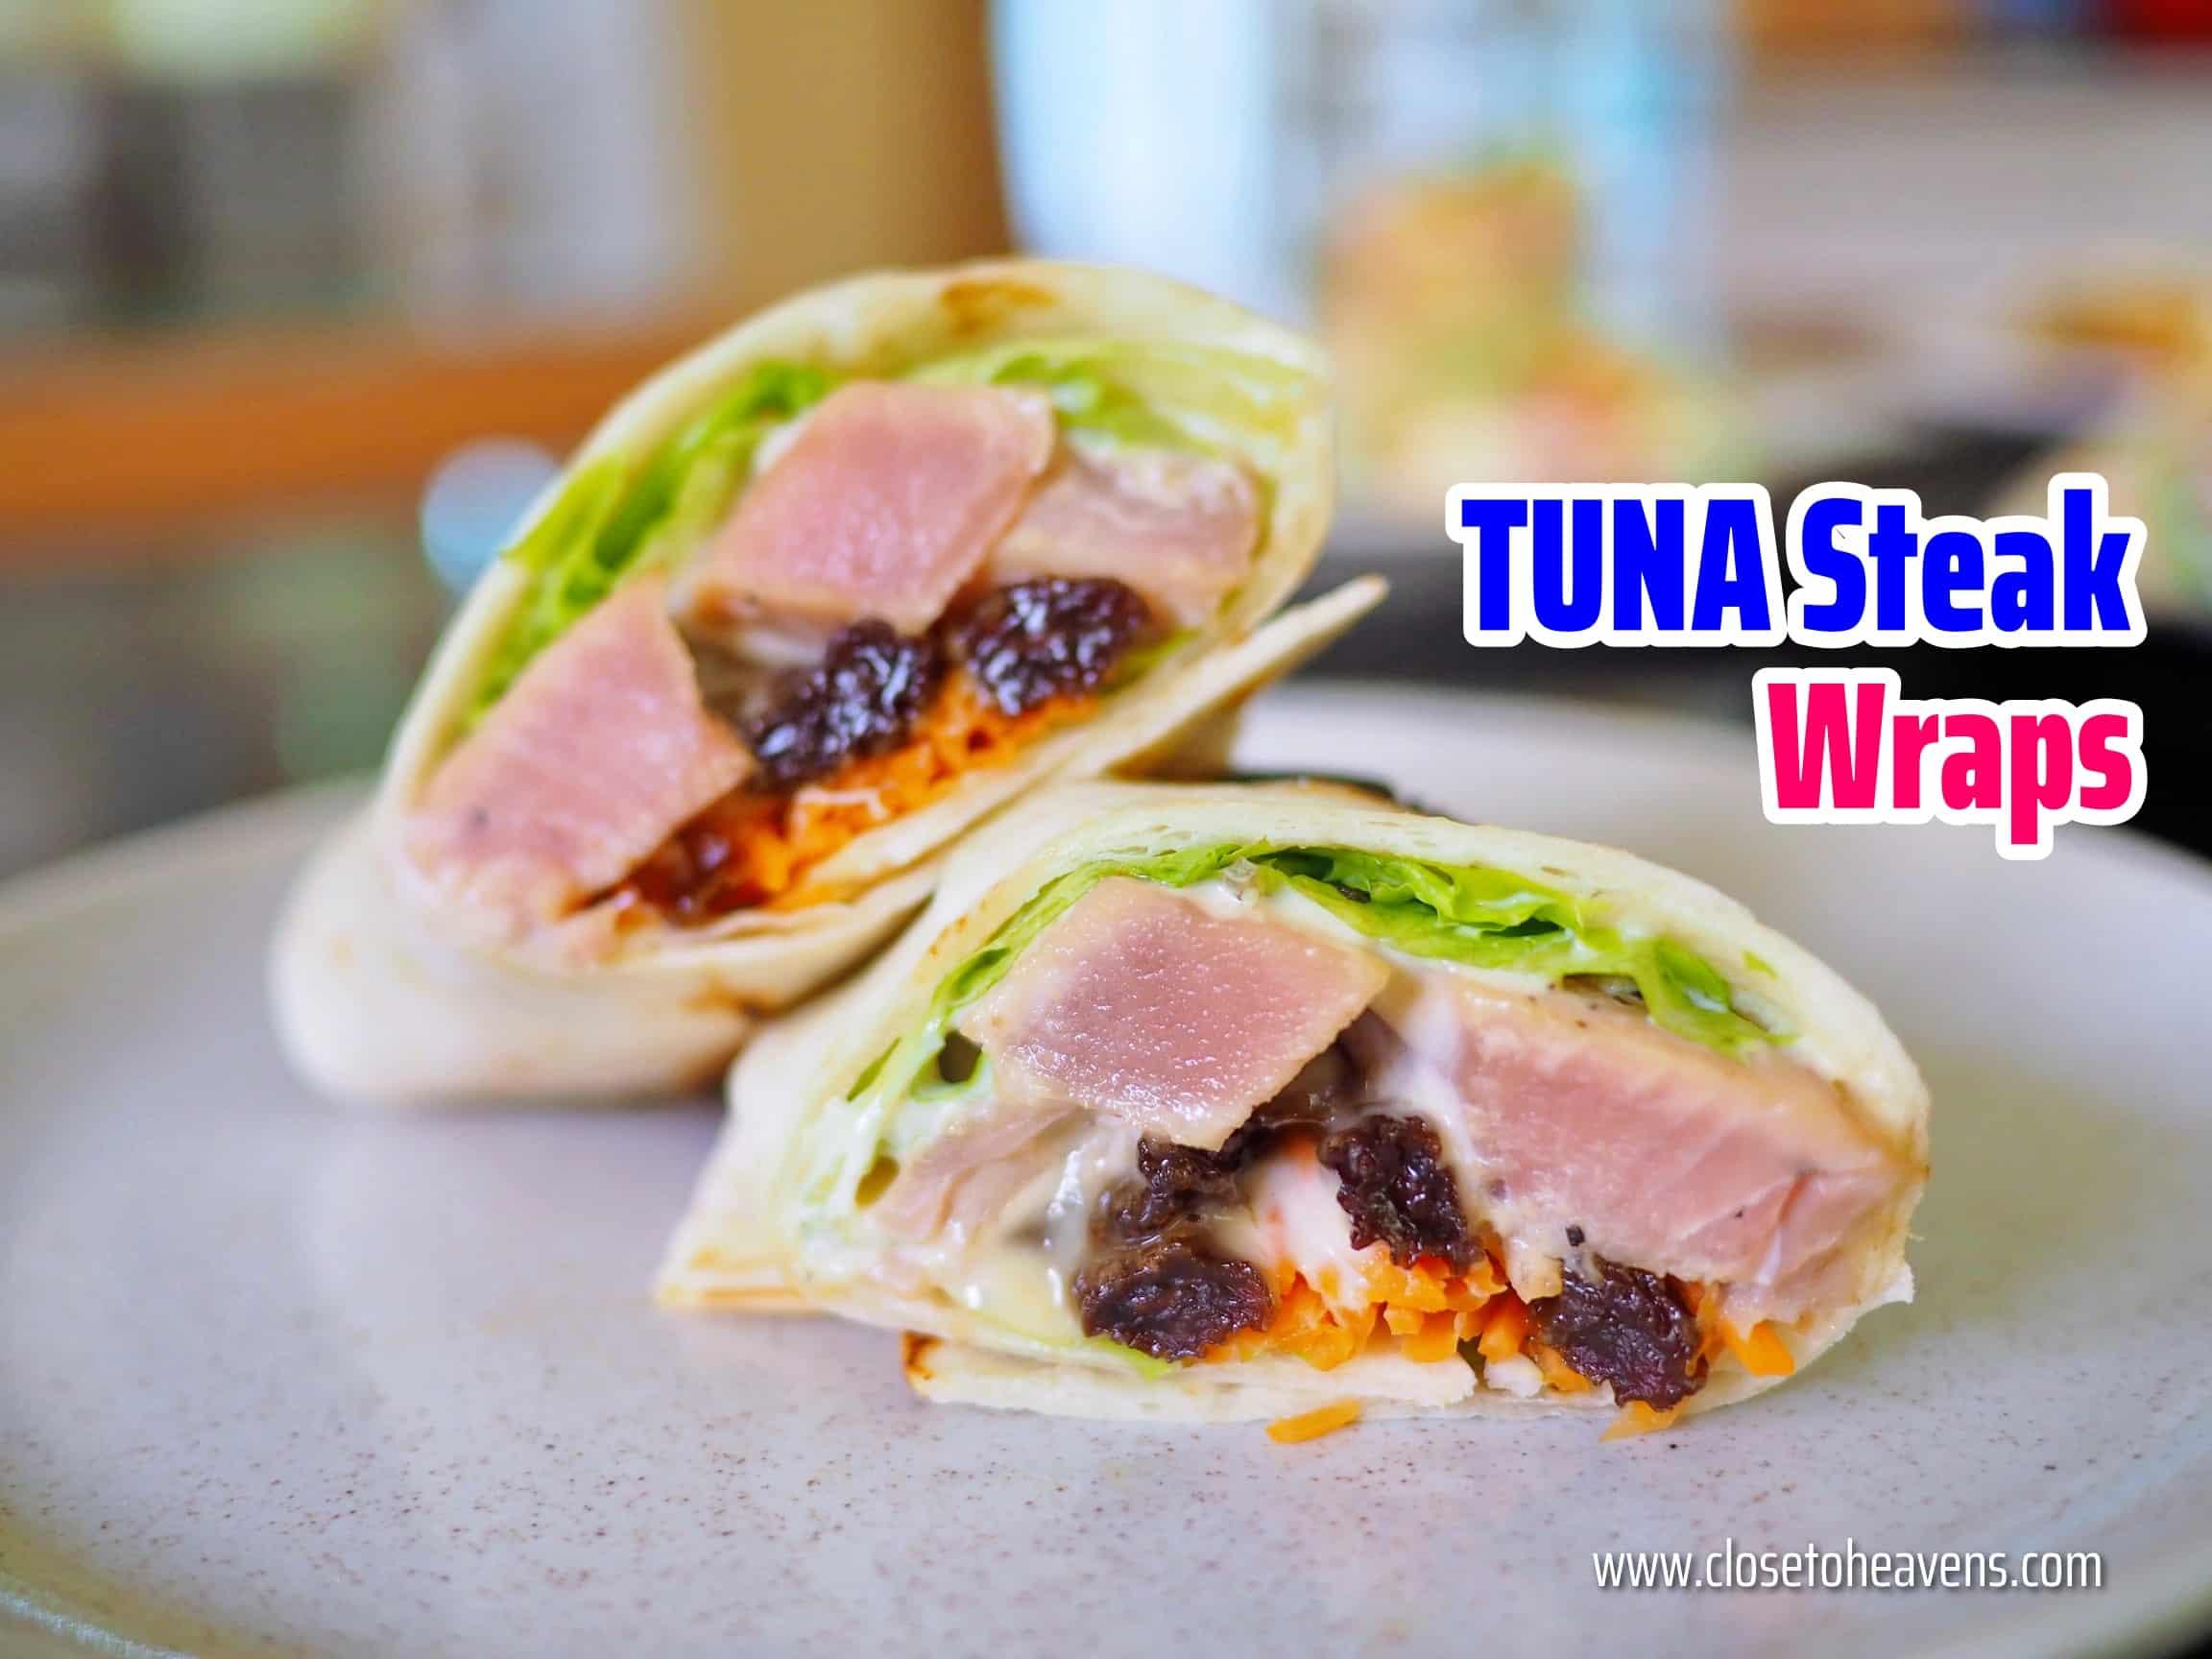 5 เมนู แร็พ สเต็กปลาทูน่า Tuna Steak Wraps